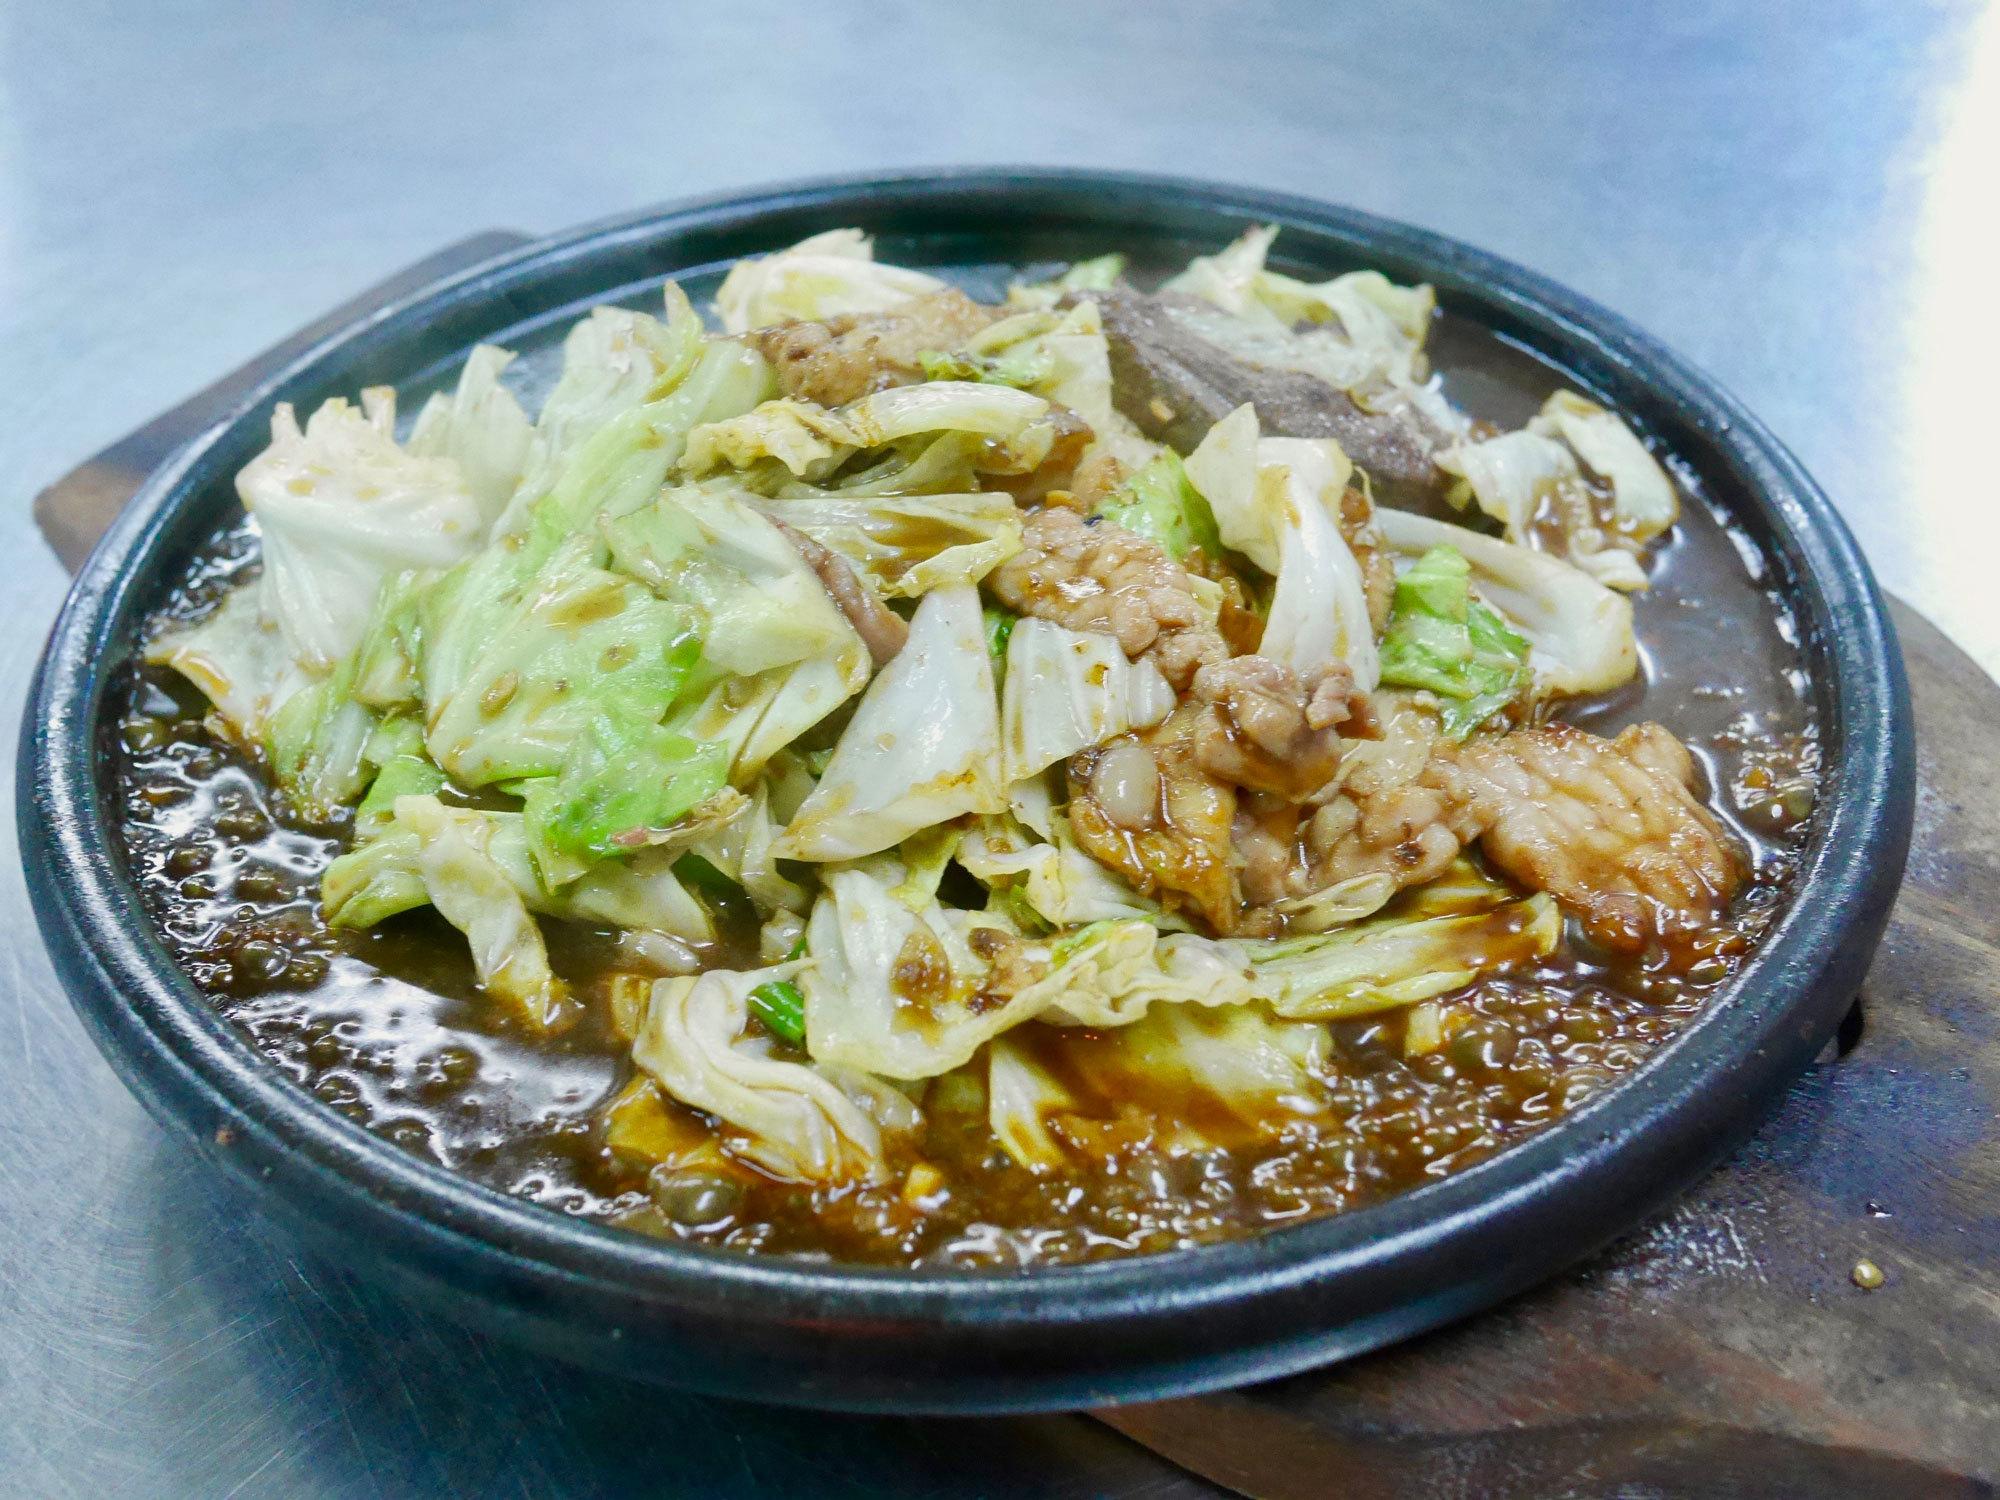 ジャルンクルン通りの老舗「ニューヘンキー」で食べる鉄板料理!『シークローンタウシージャーンローン』